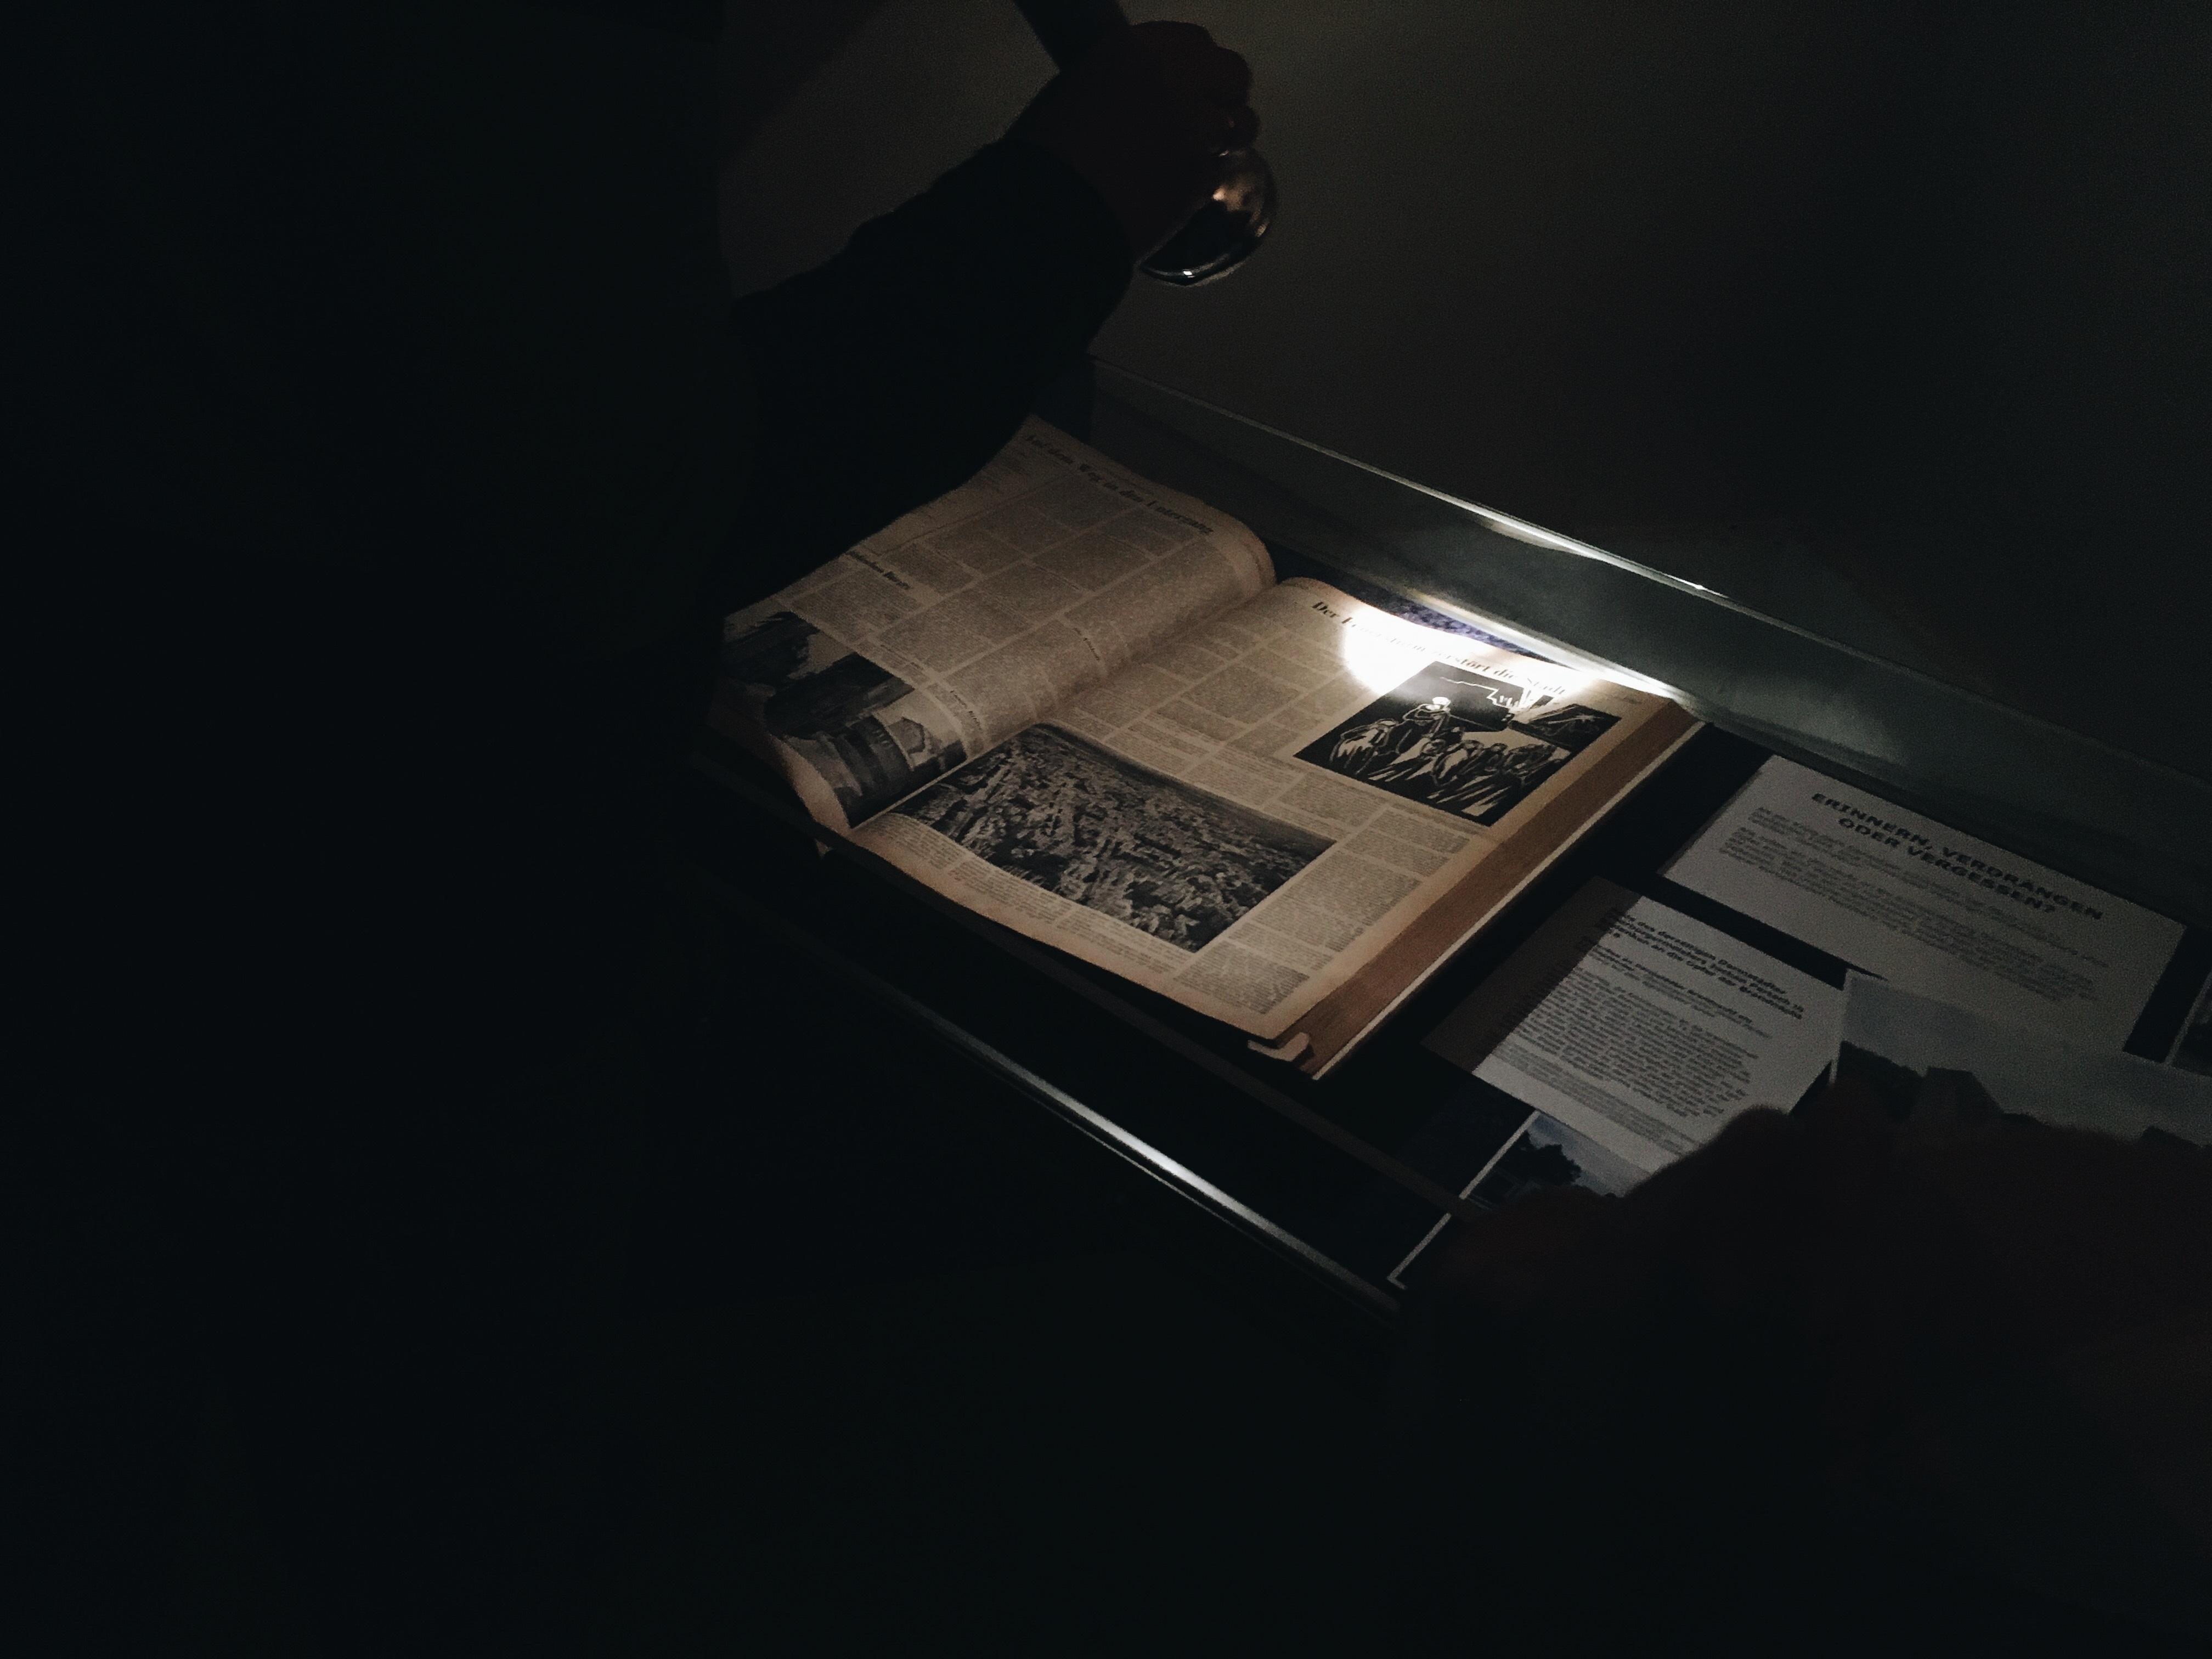 """Besucher im von Schülerinnen und Schülern konzipierten Teil der Ausstellung """"75 Jahre Brandnacht - Die Zerstörung Darmstadts im Zweiten Weltkrieg"""", 2019, Foto: Wissenschaftsstadt Darmstadt/Rebekka Friedrich"""